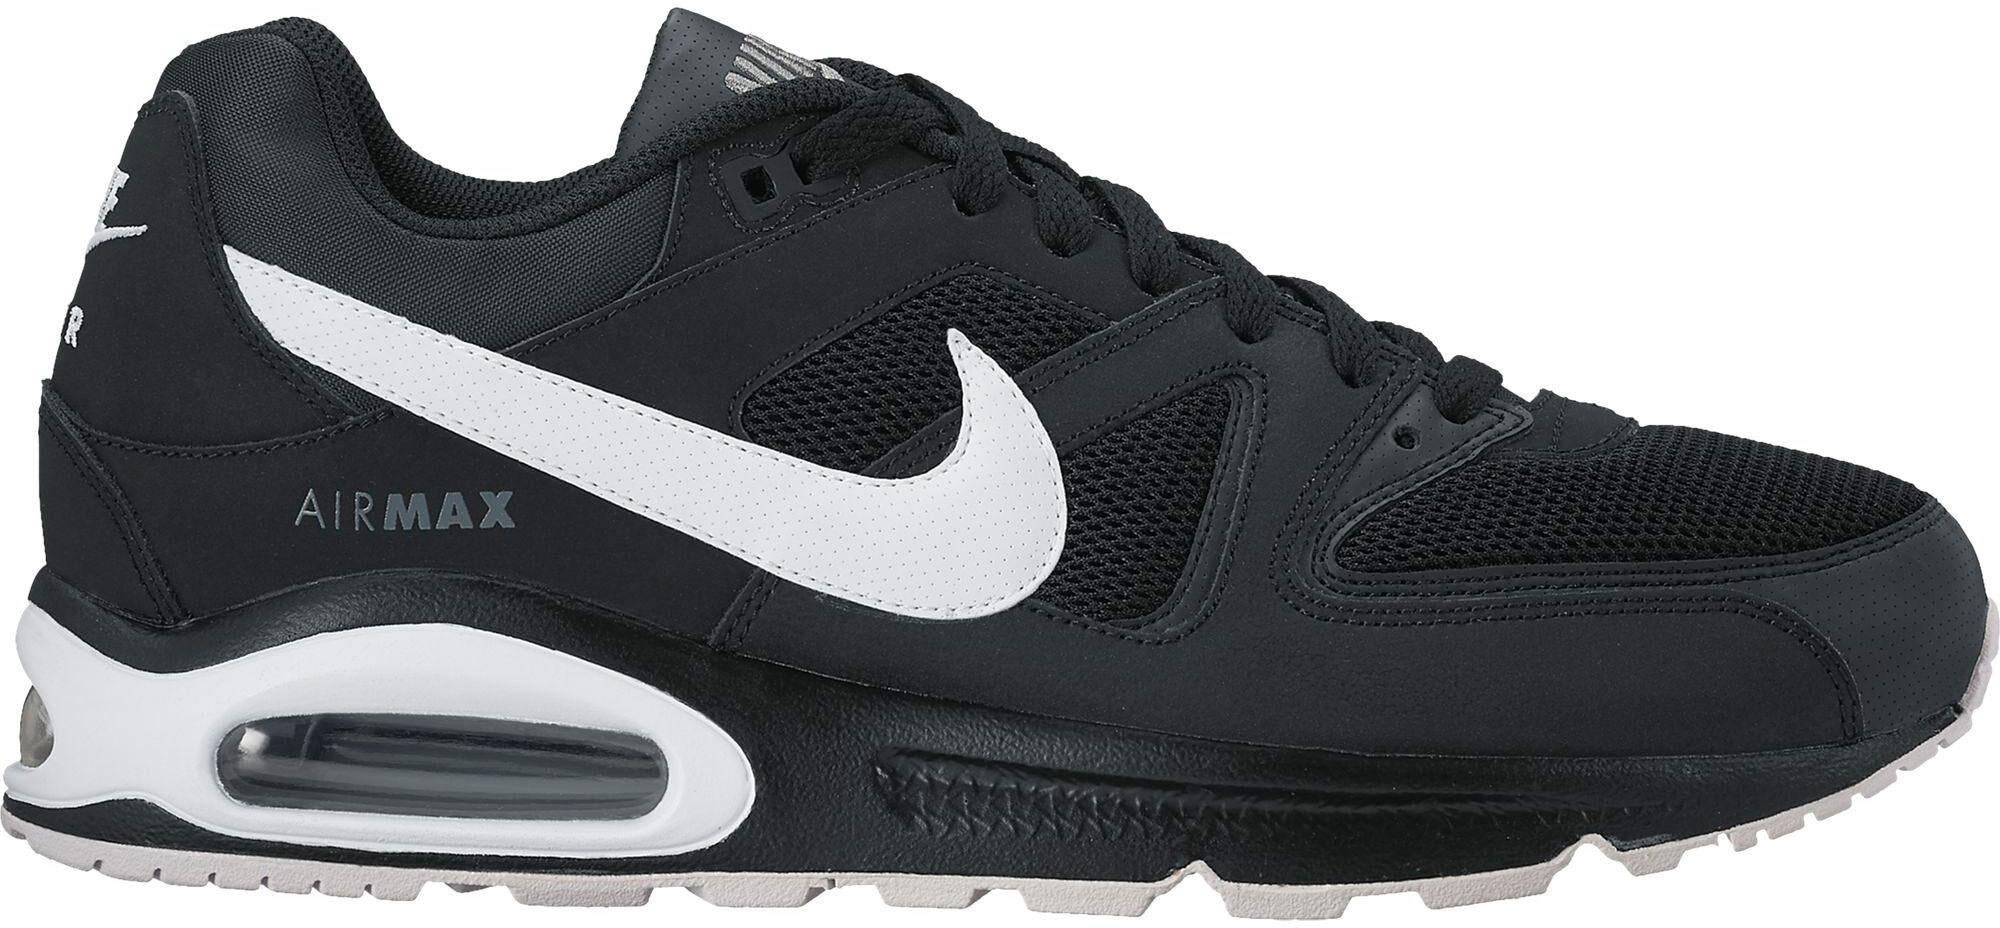 Stort Udvalg Af Nike Nike Air Max 24 7 Tilbud Alt De